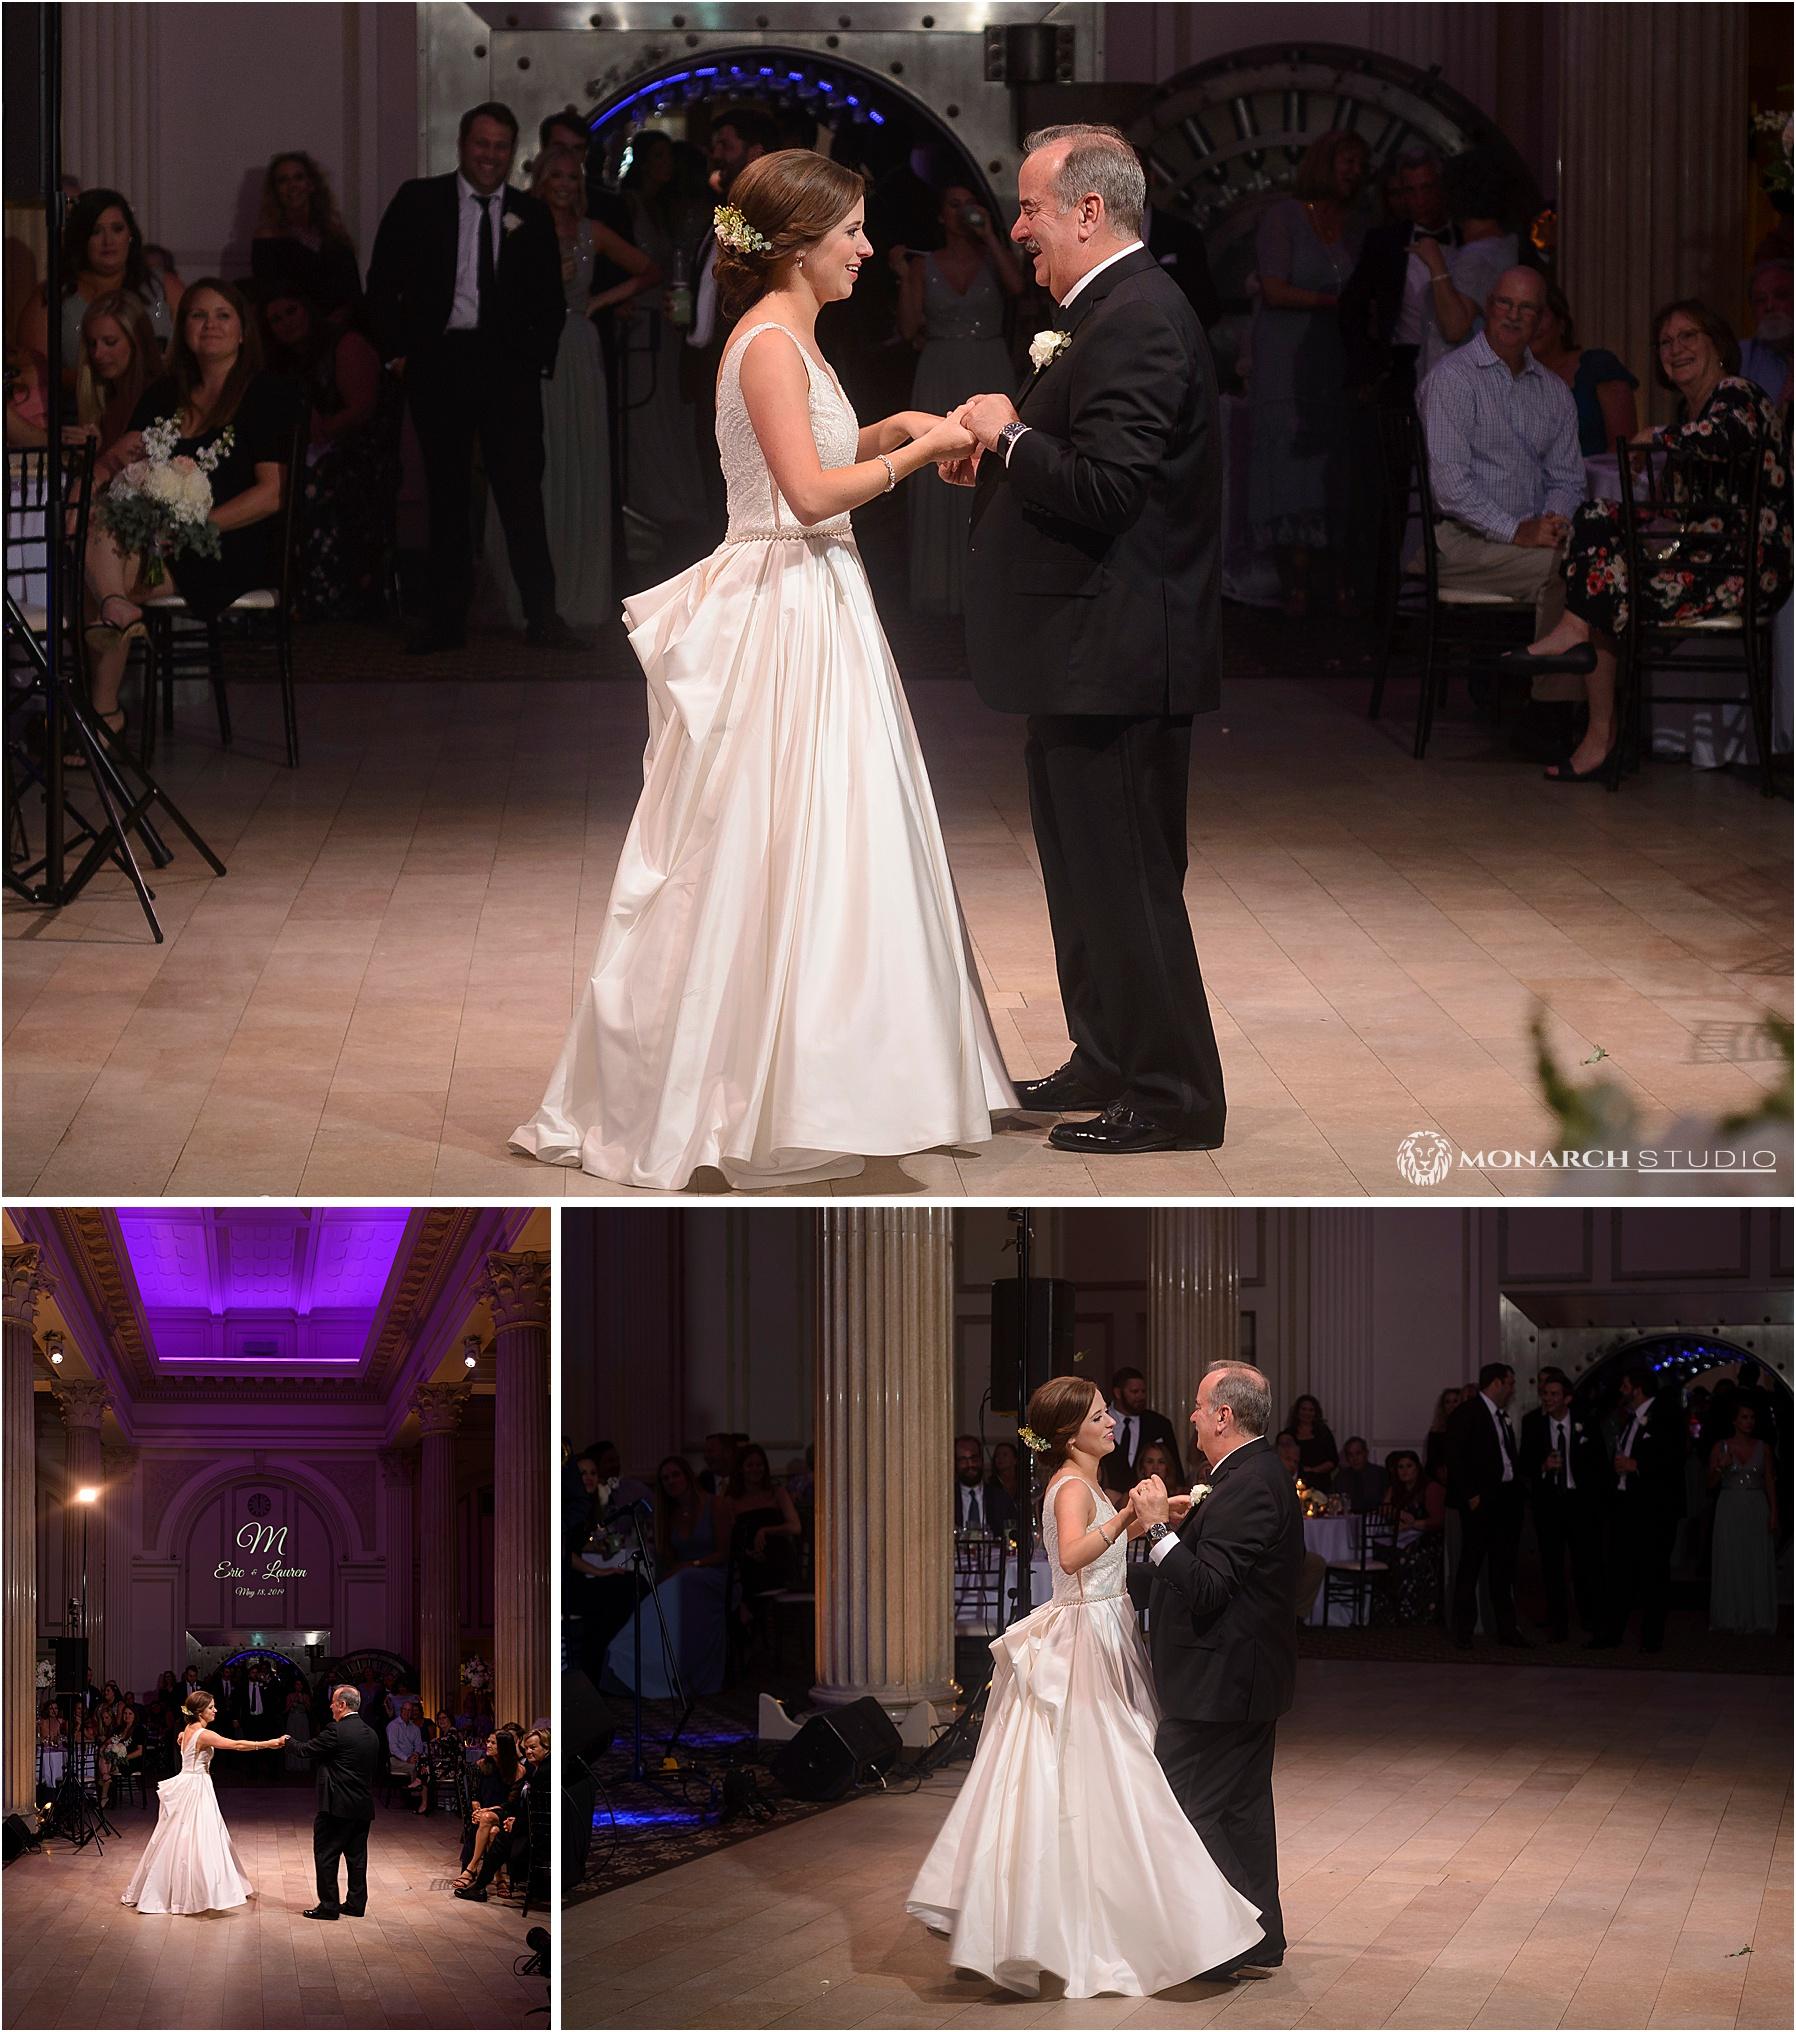 Wedding-PHotographer-in-st-augustine-2019-098.jpg